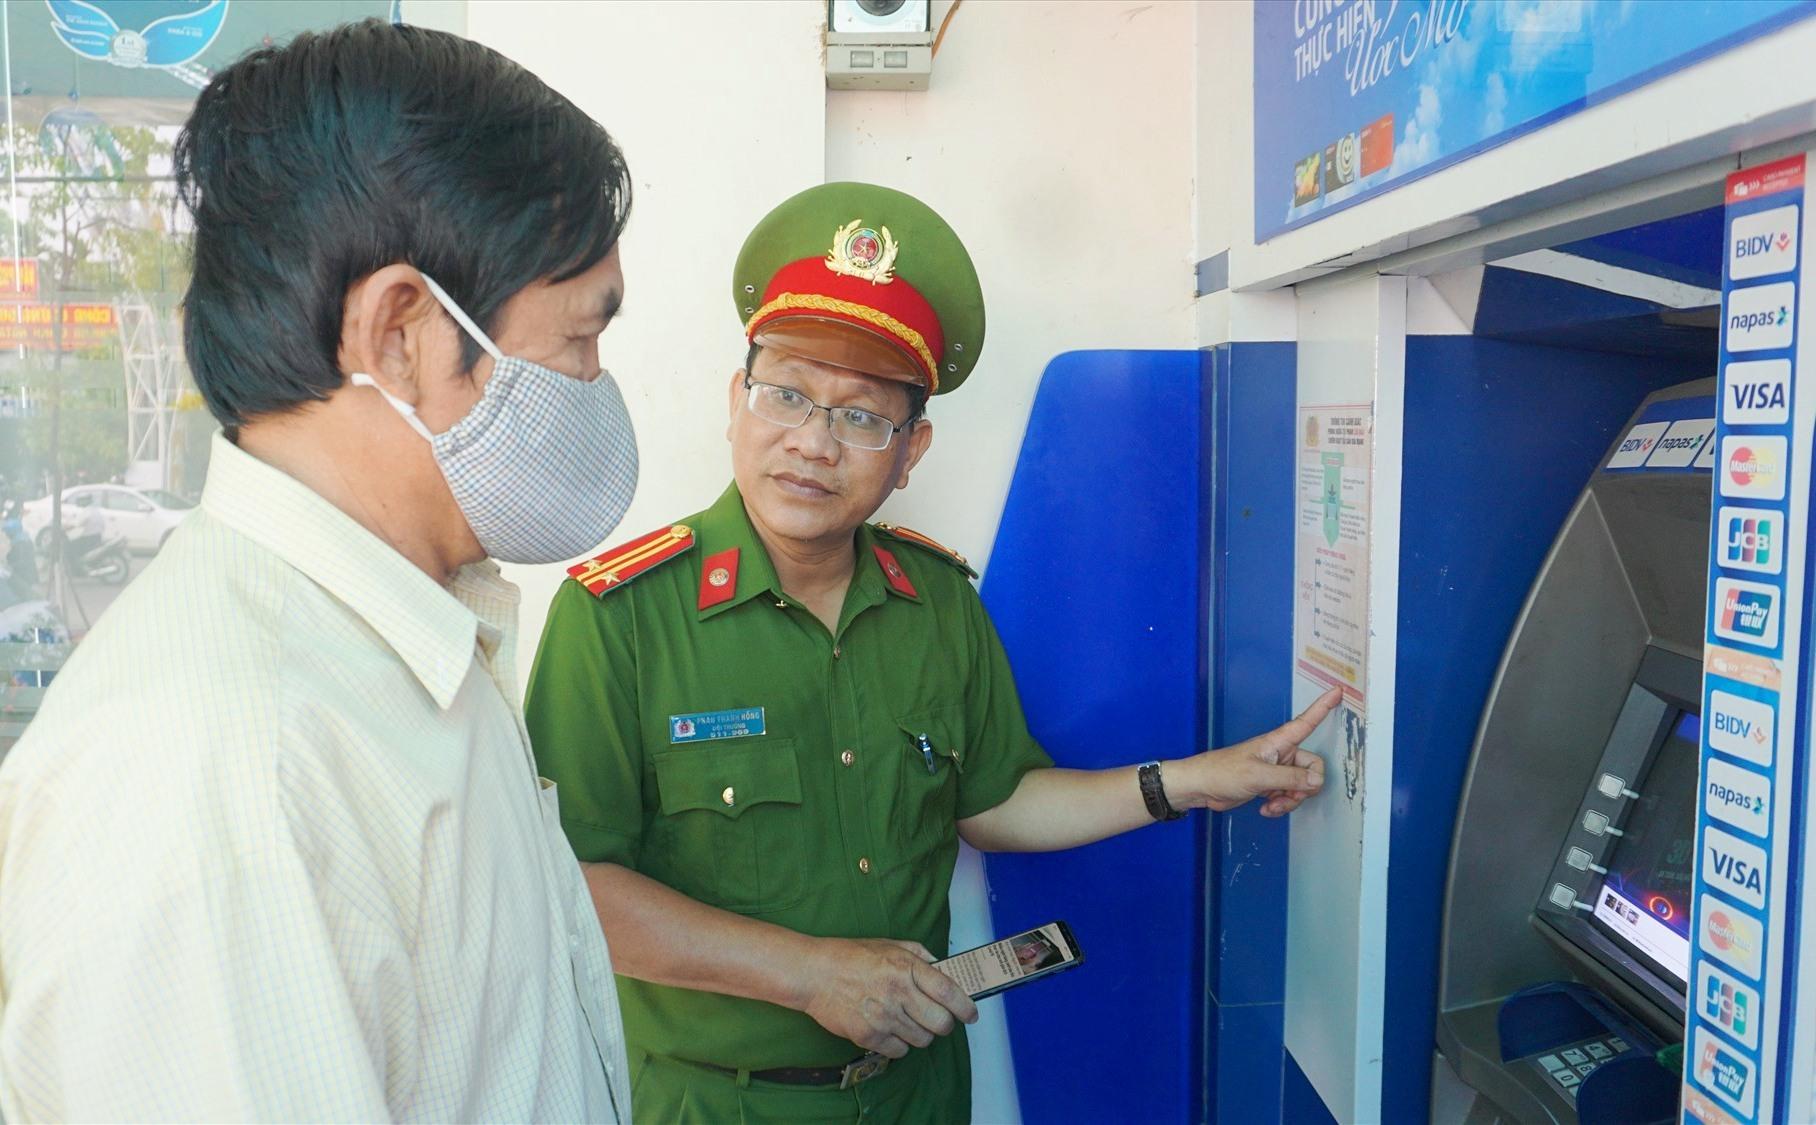 Cán bộ Công an tuyên truyền cho người dân biện pháp phòng chống tội phạm lừa đảo qua mạng xã hội tại trụ ATM.